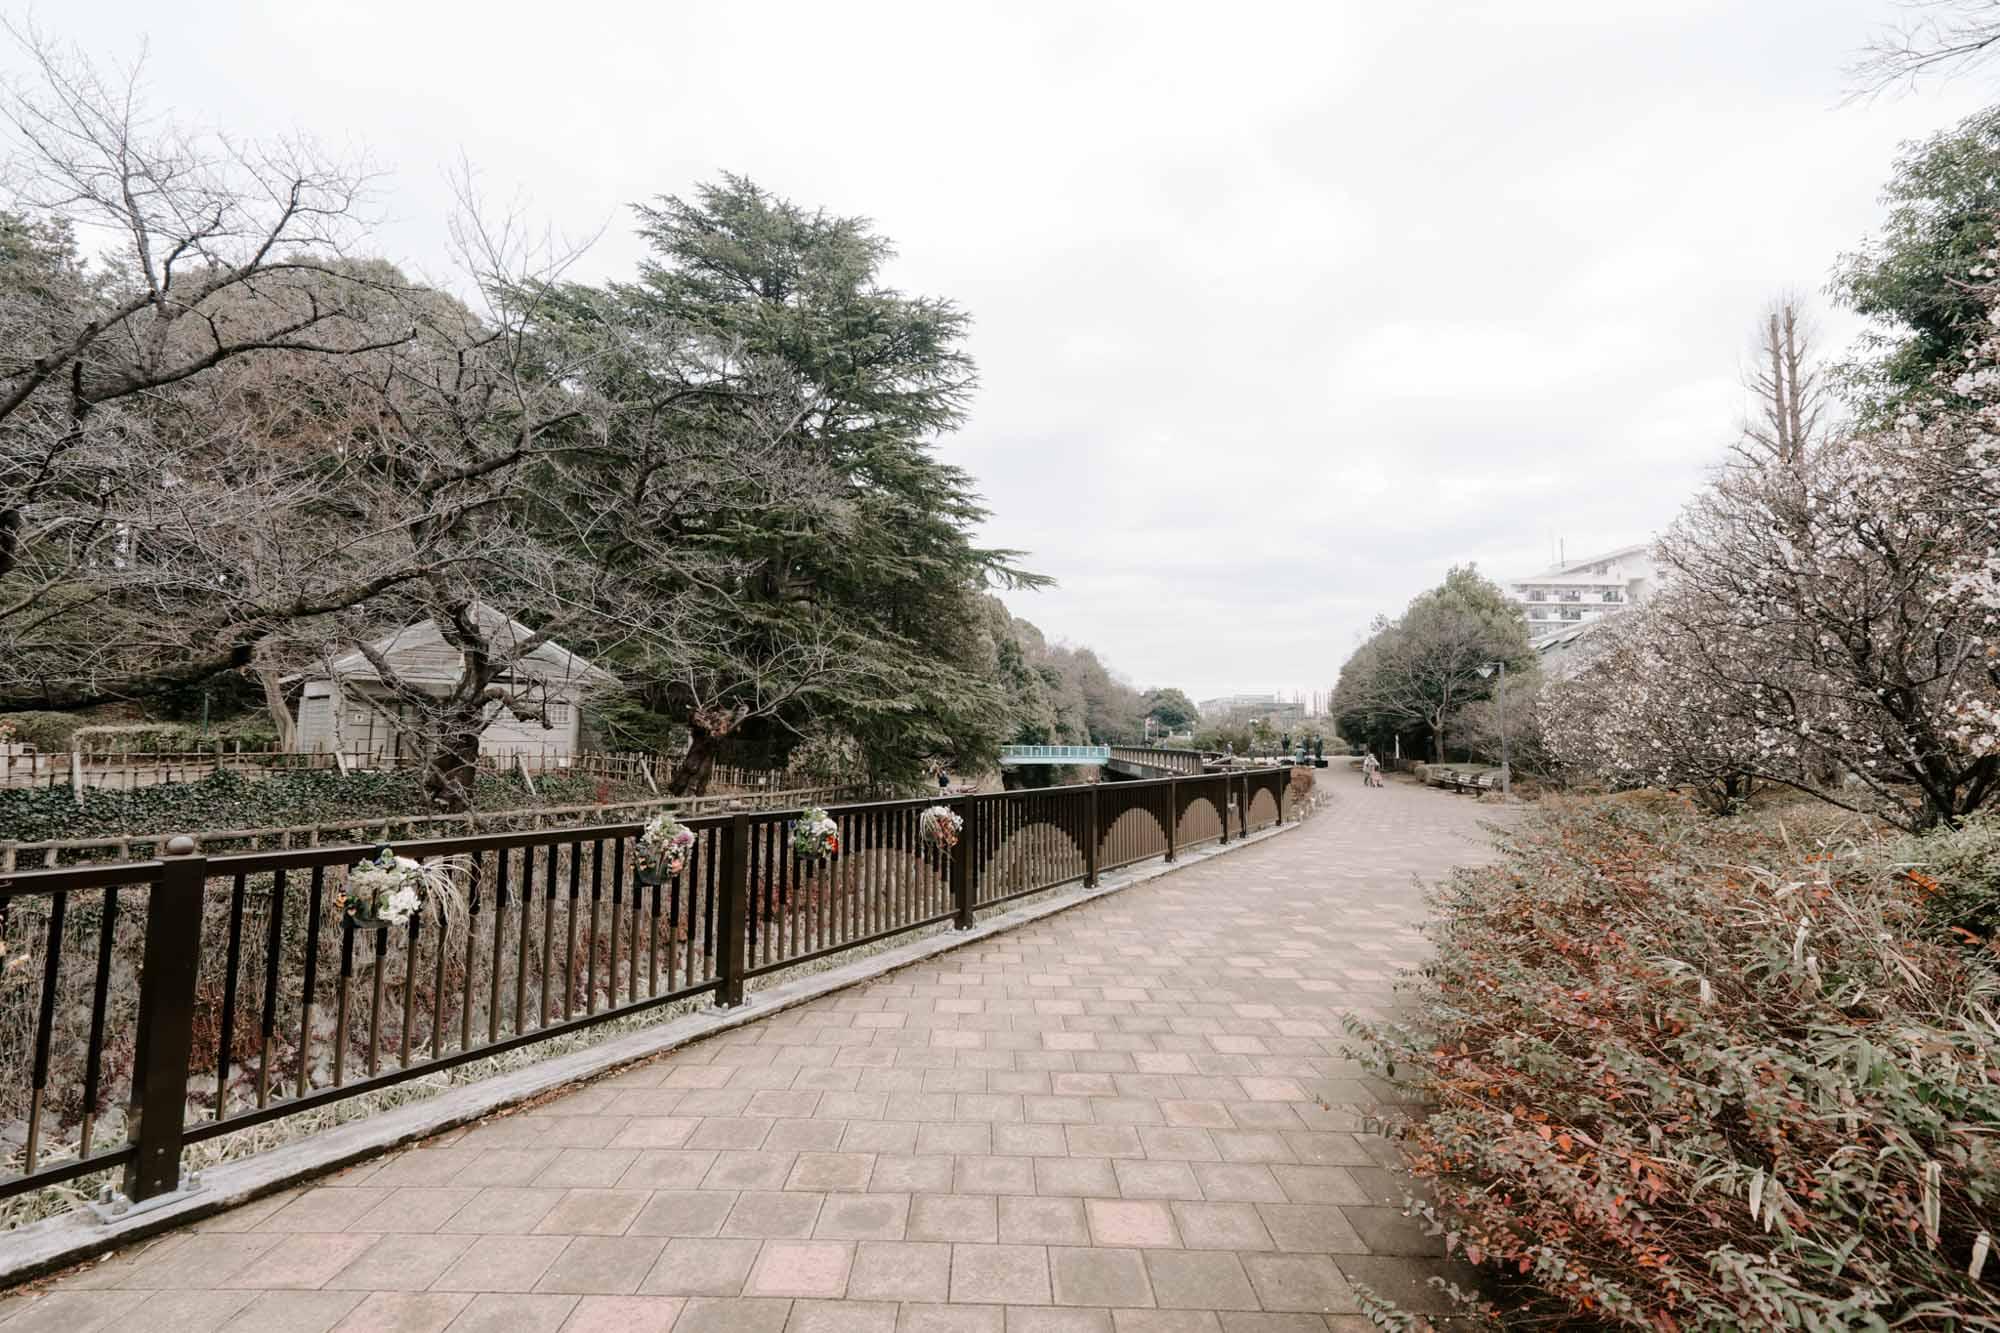 妙正寺川沿いにはお散歩やランニングにも良さそうな遊歩道が整備されています。